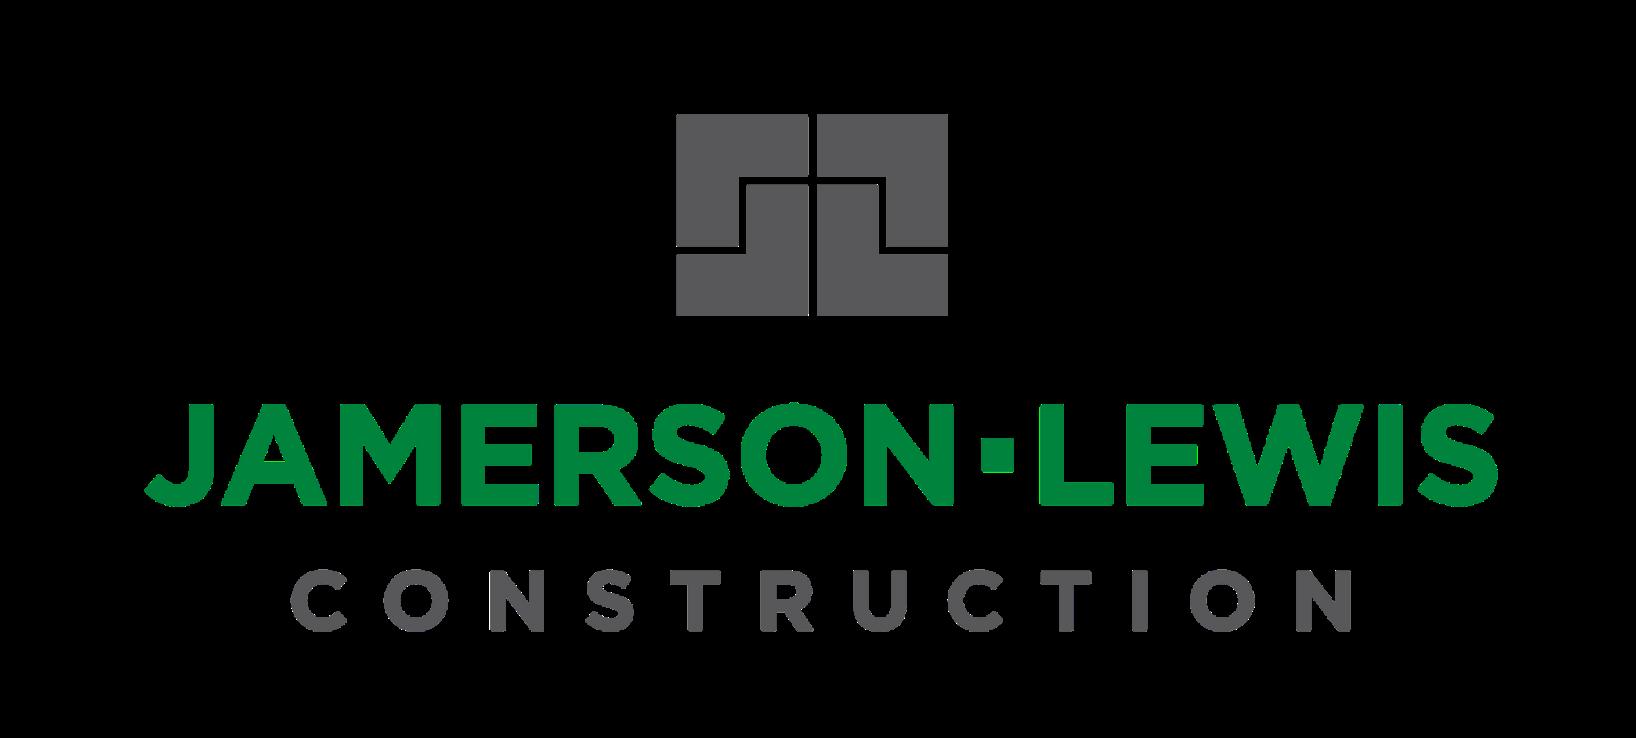 Jamerson Lewis Construction